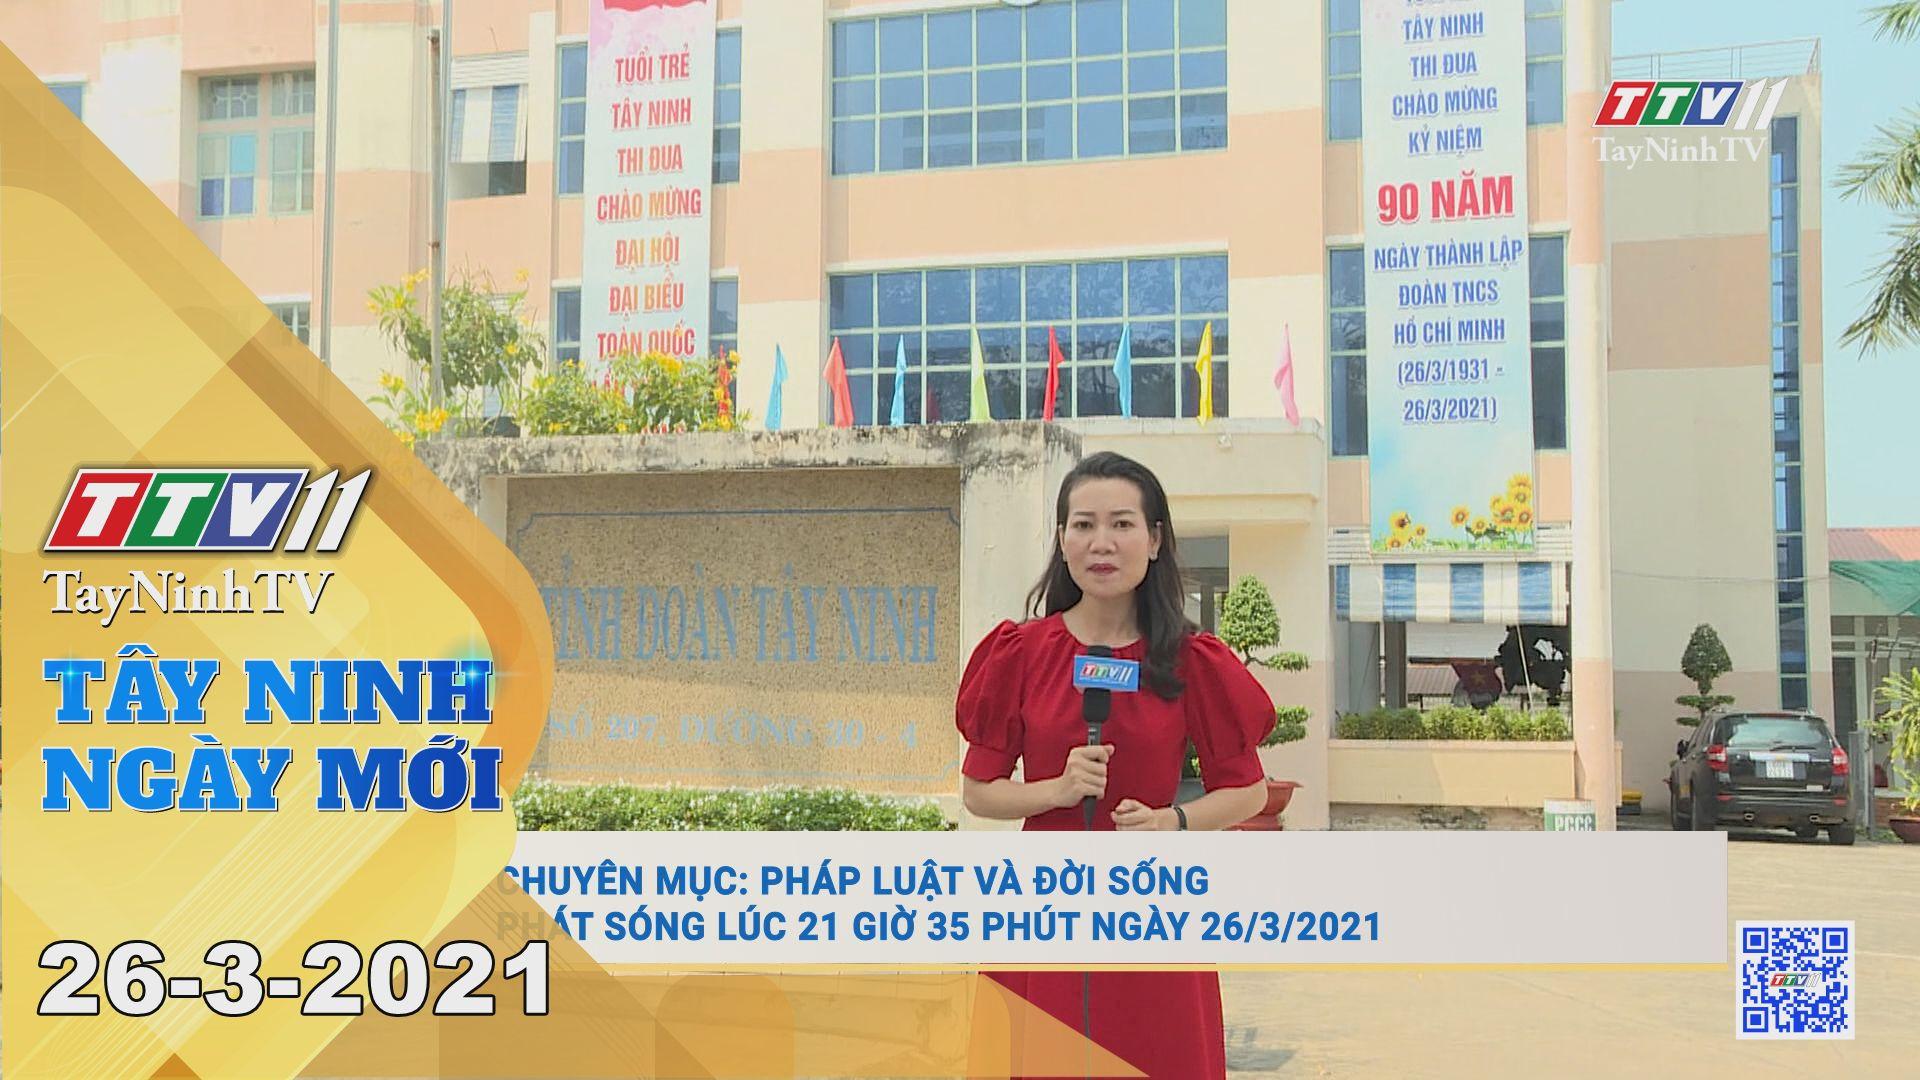 Tây Ninh Ngày Mới 26-3-2021   Tin tức hôm nay   TayNinhTV